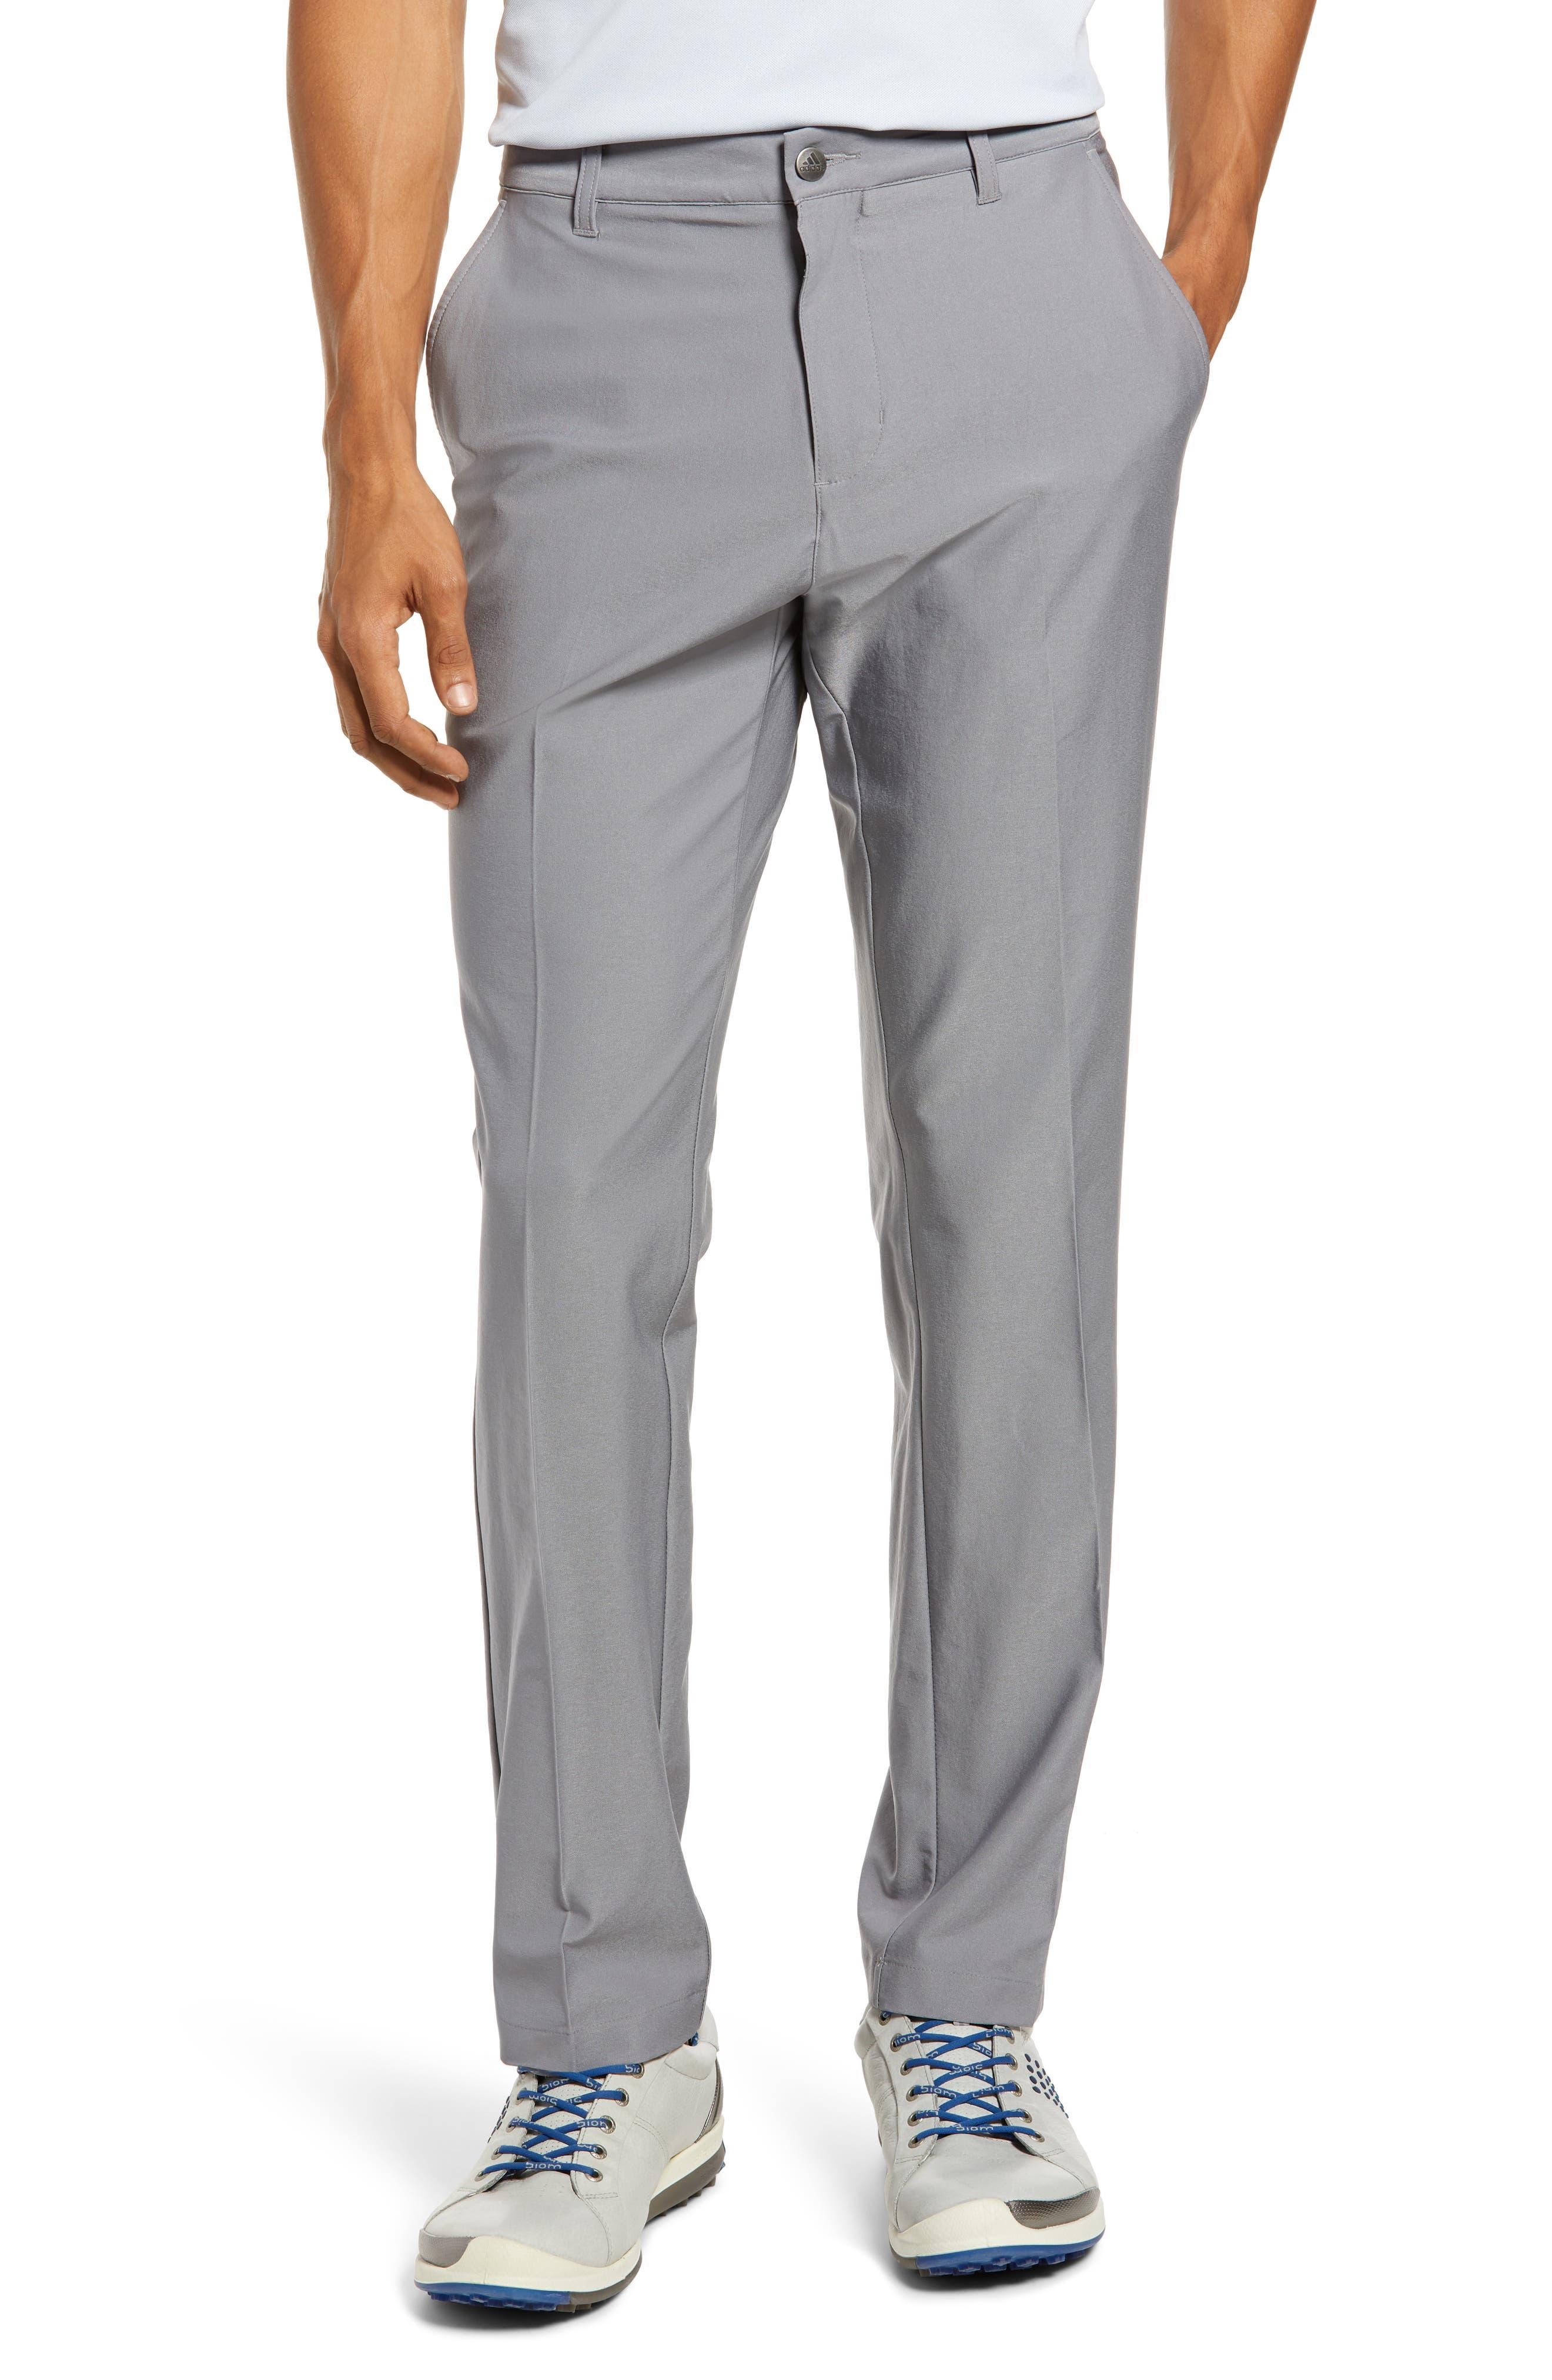 Men's Ultimate365 Classic Water Resistant Pants